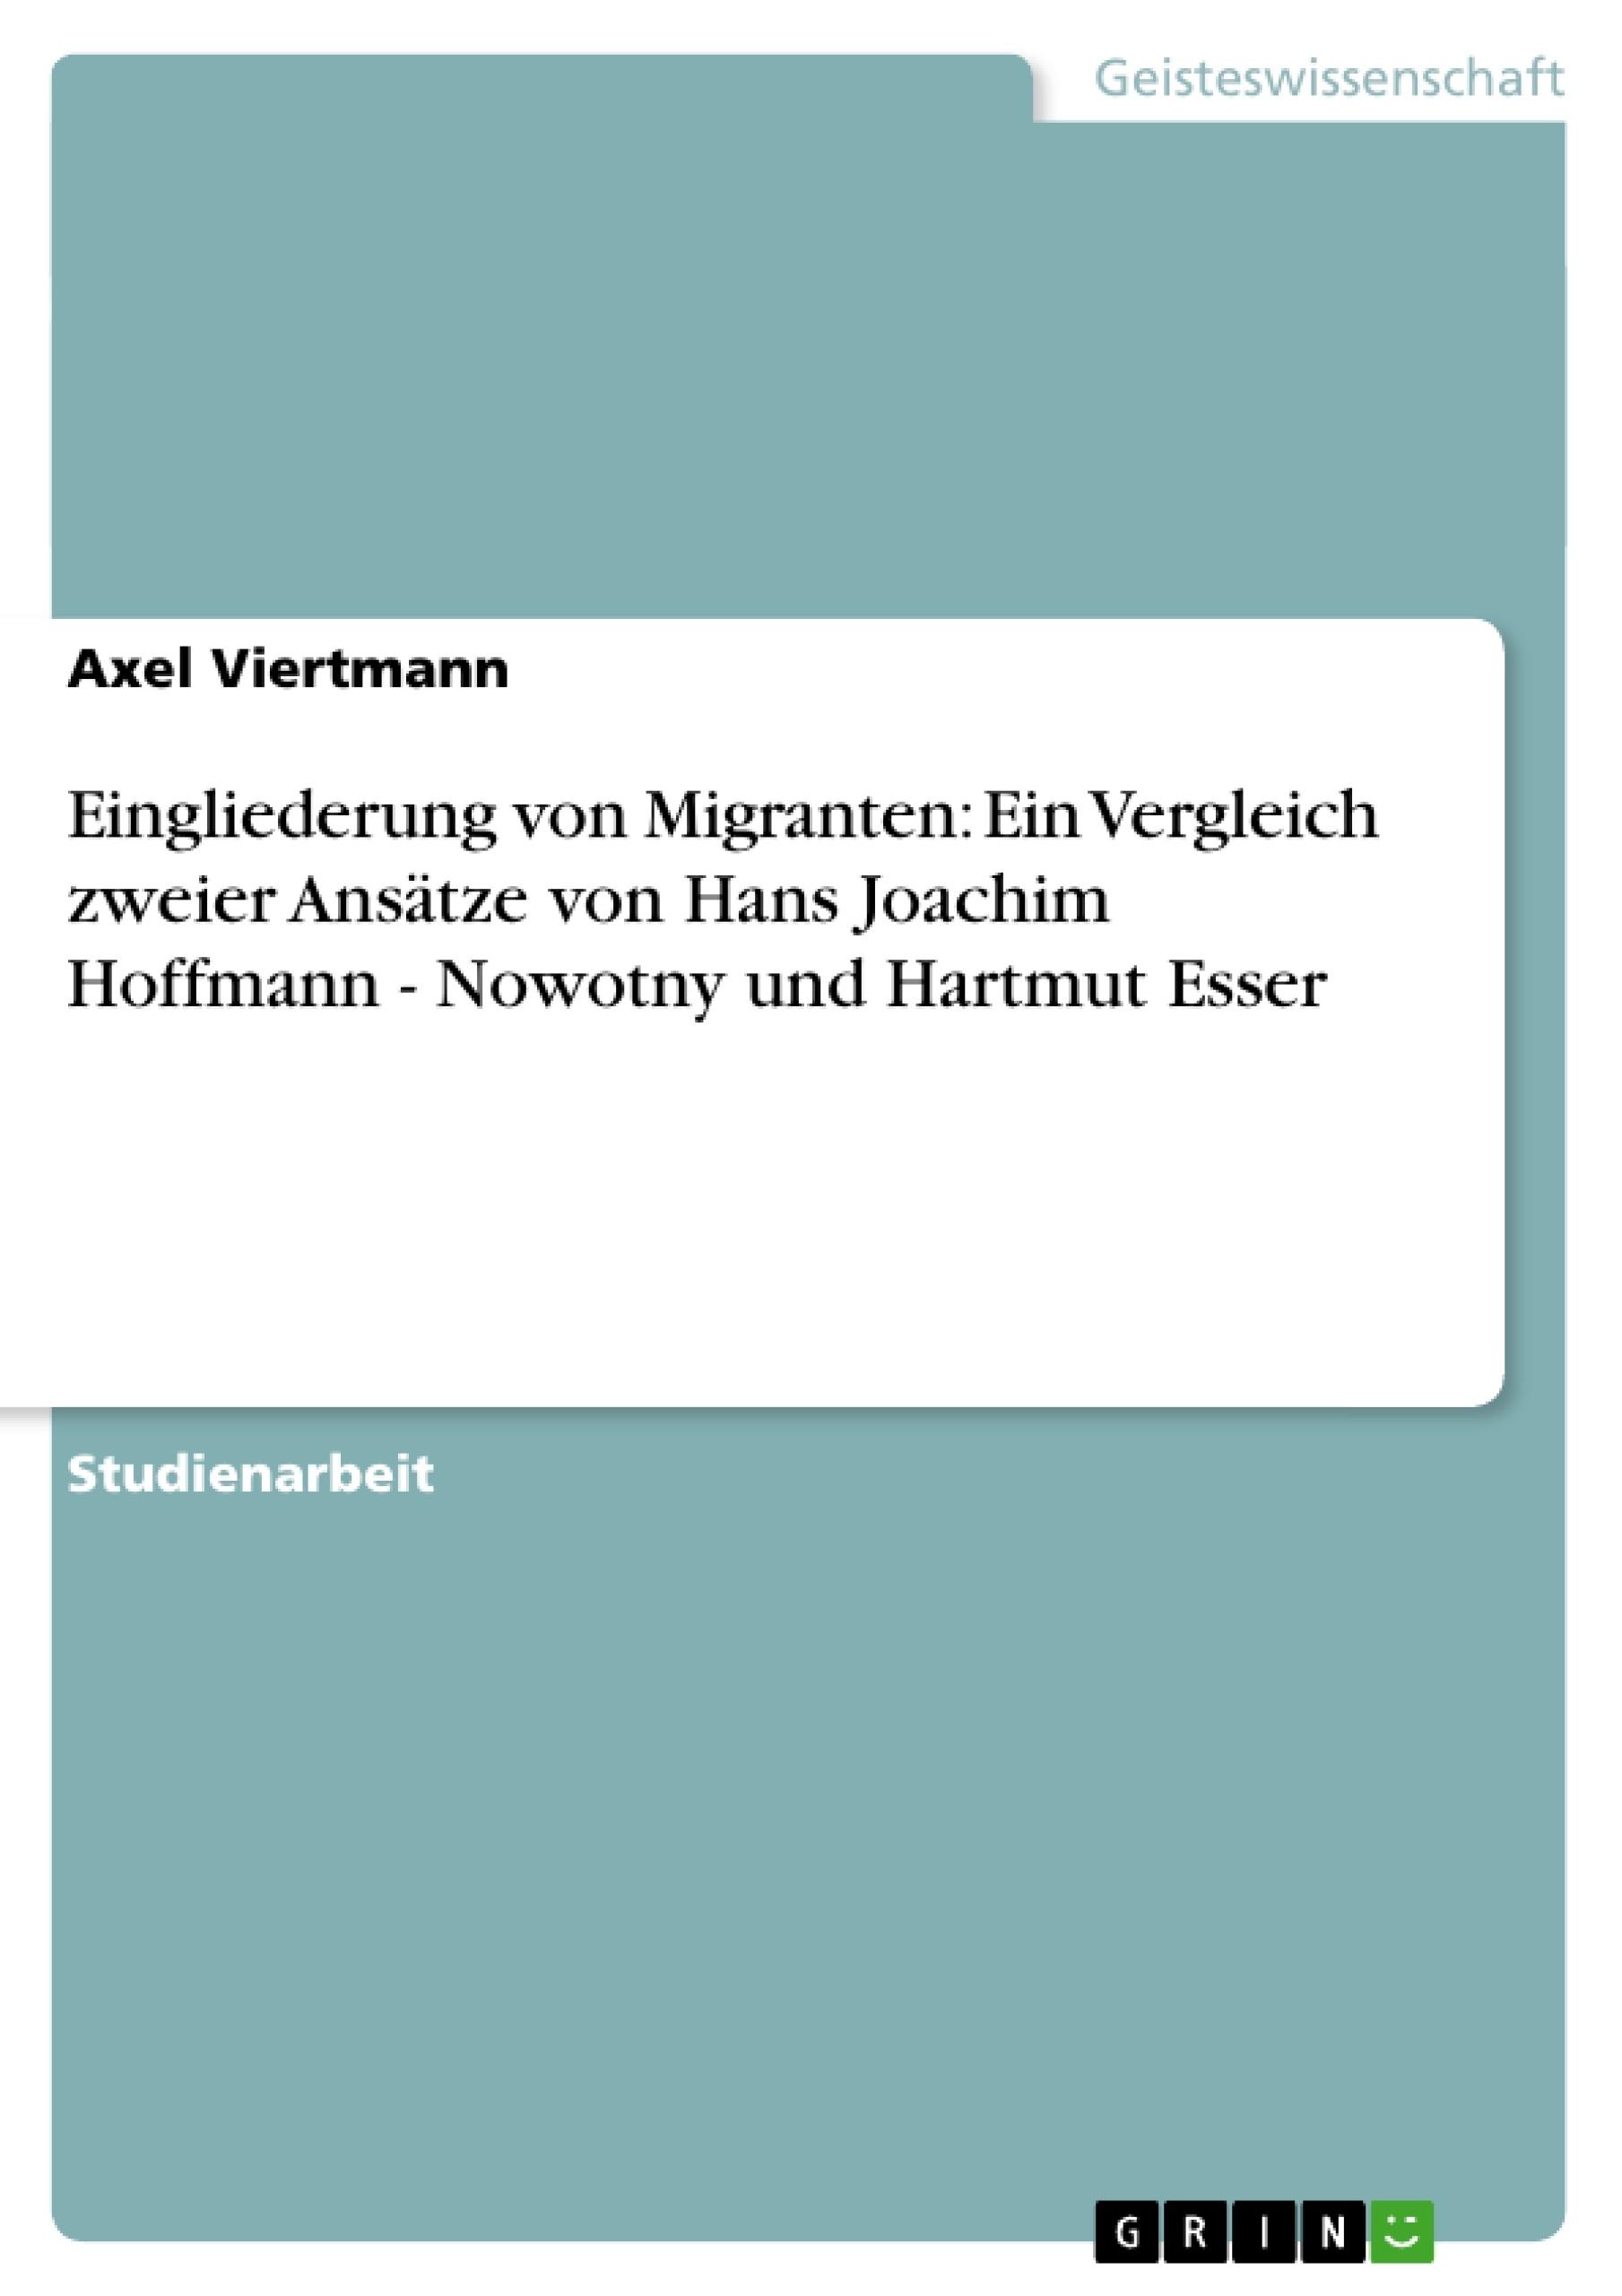 Titel: Eingliederung von Migranten: Ein Vergleich zweier Ansätze von Hans Joachim Hoffmann - Nowotny und Hartmut Esser